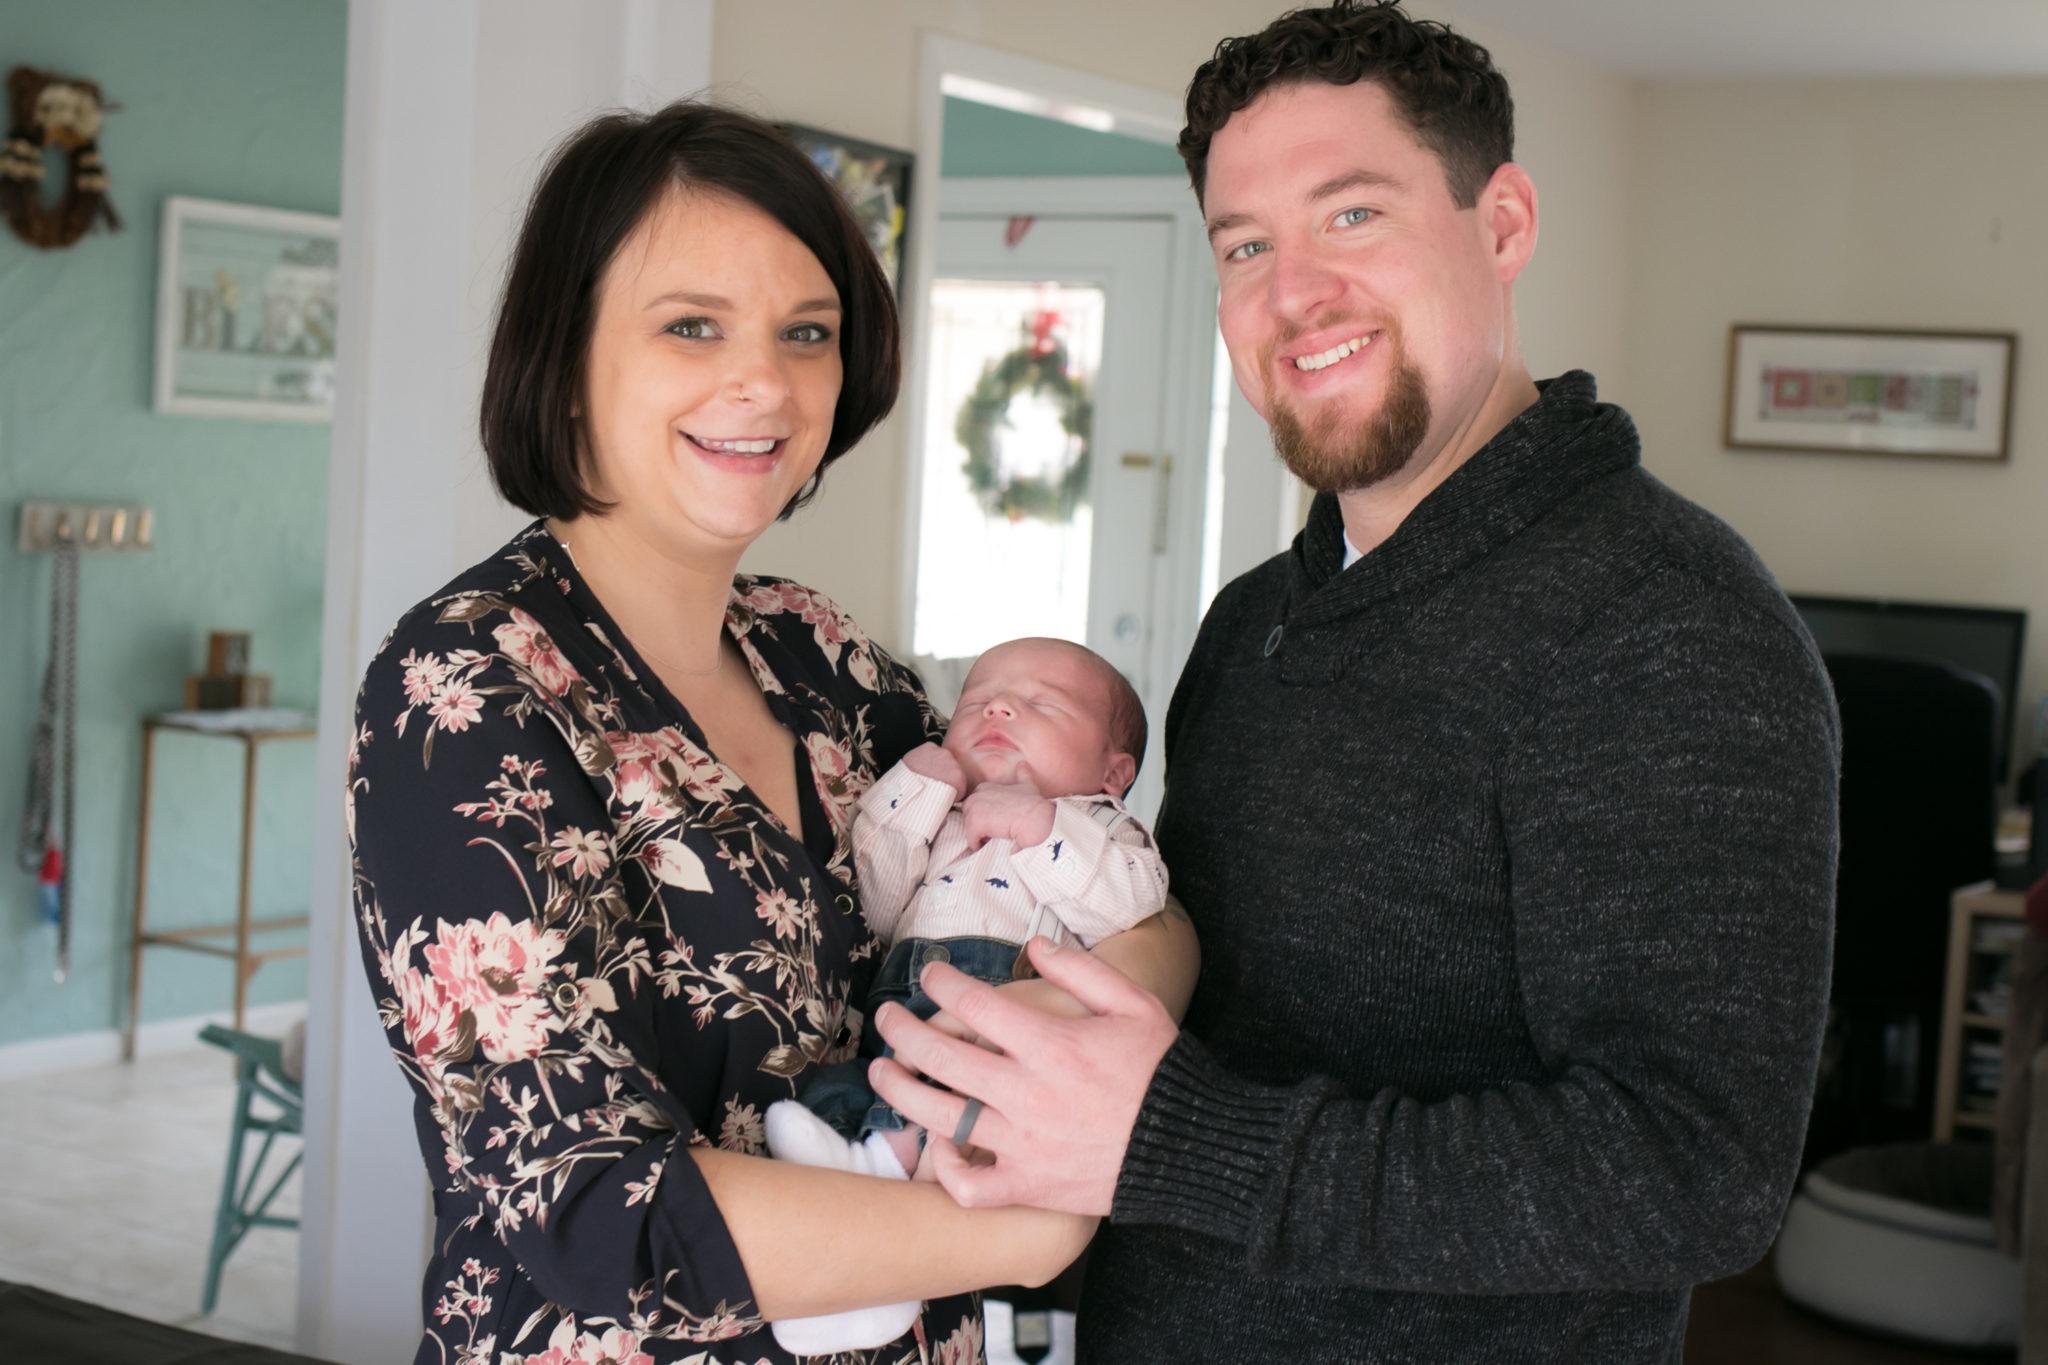 Lifetime Adoptive Parents Dustin and Dominique